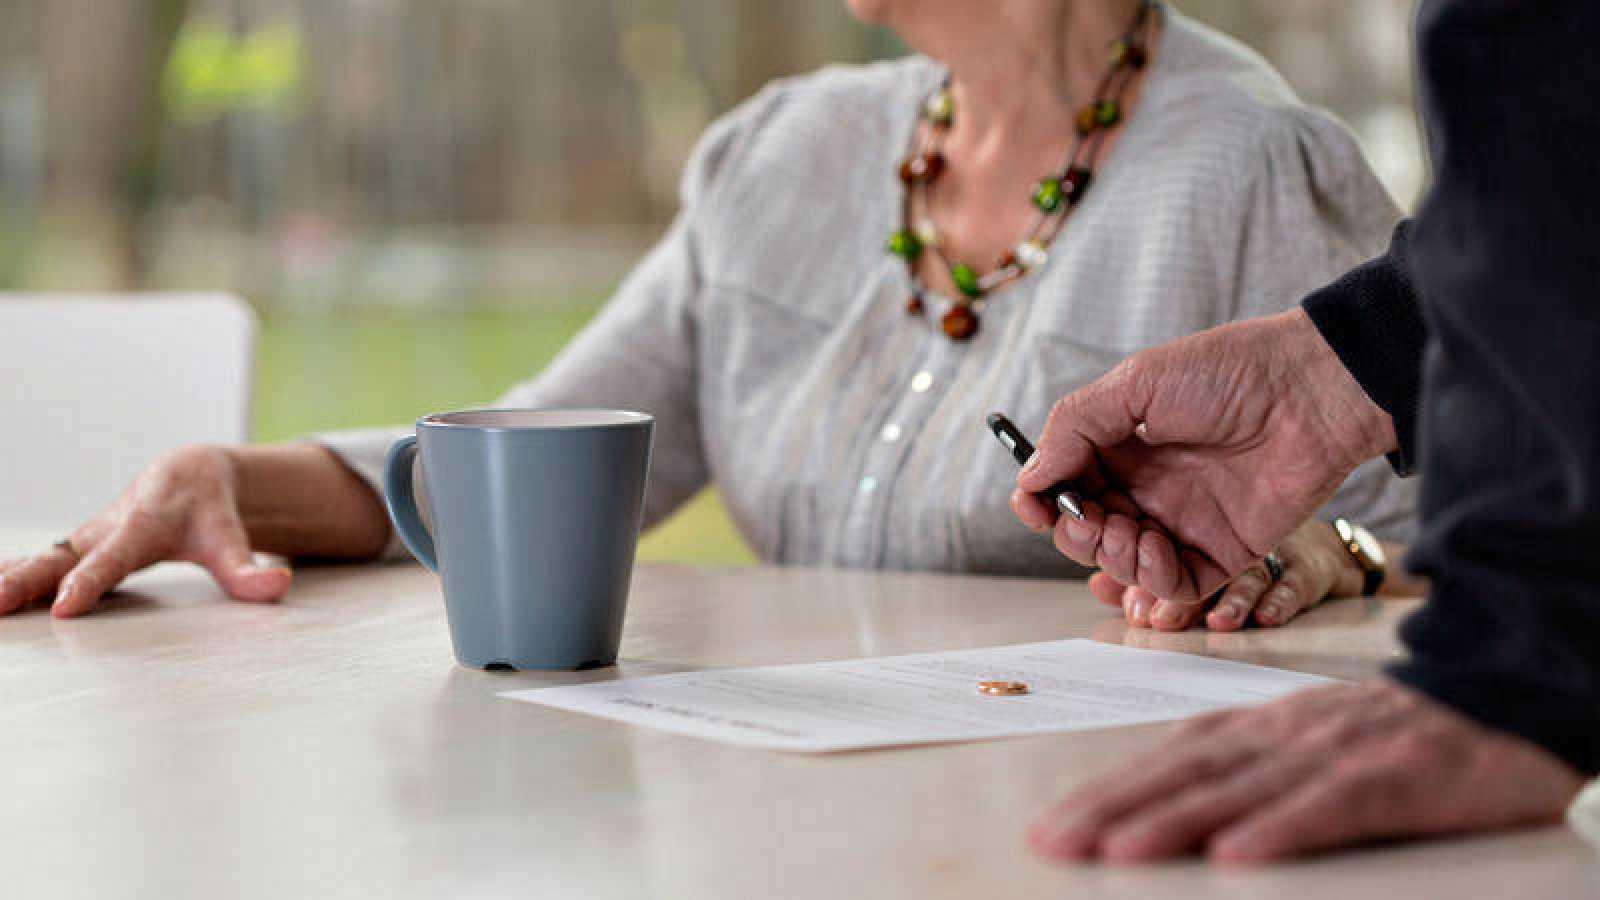 La pensión compensatoria por divorcio debe extinguirse cuando el excónyuge receptor convive con una nueva pareja, según el Supremo